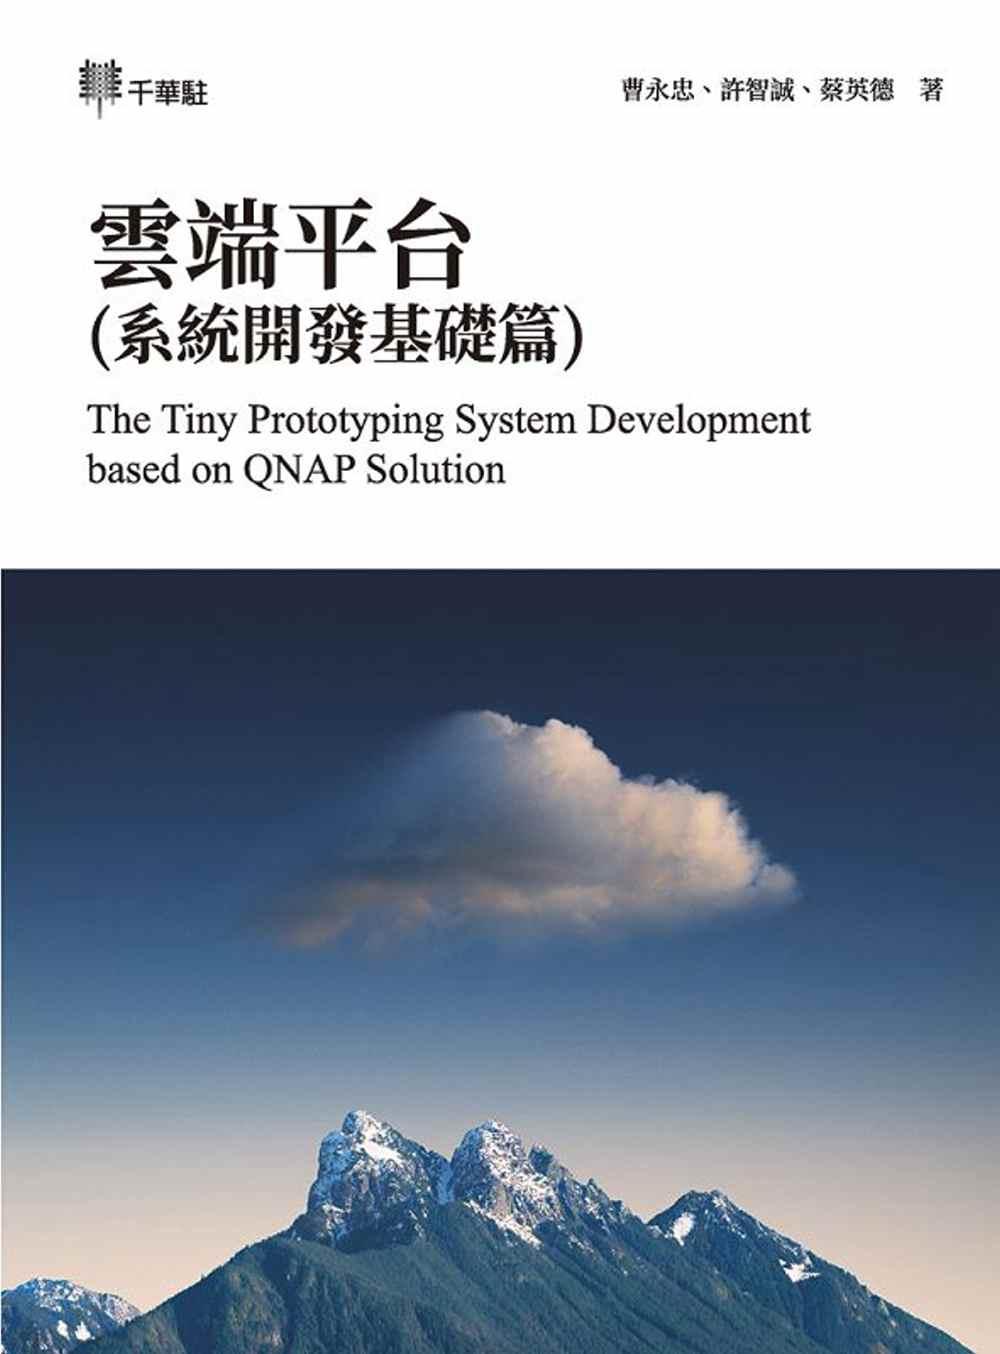 雲端平台(系統開發基礎篇)